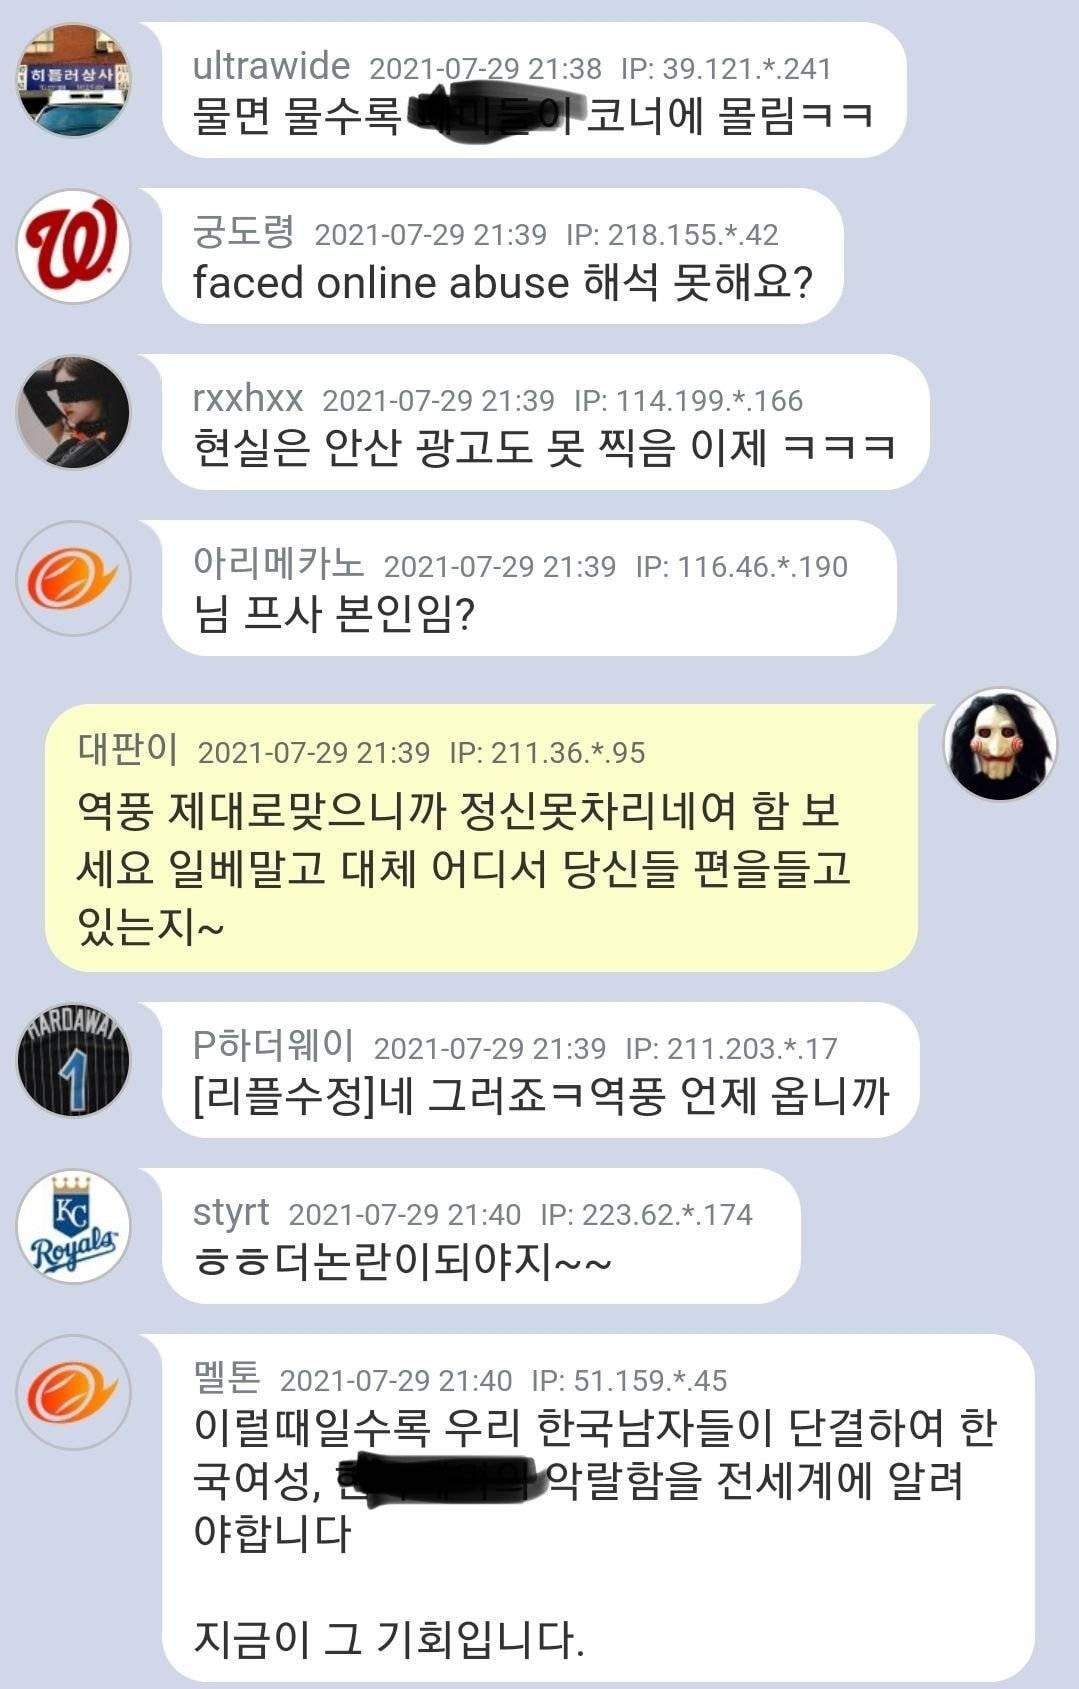 엠팍 외신보도 반응 | 인스티즈